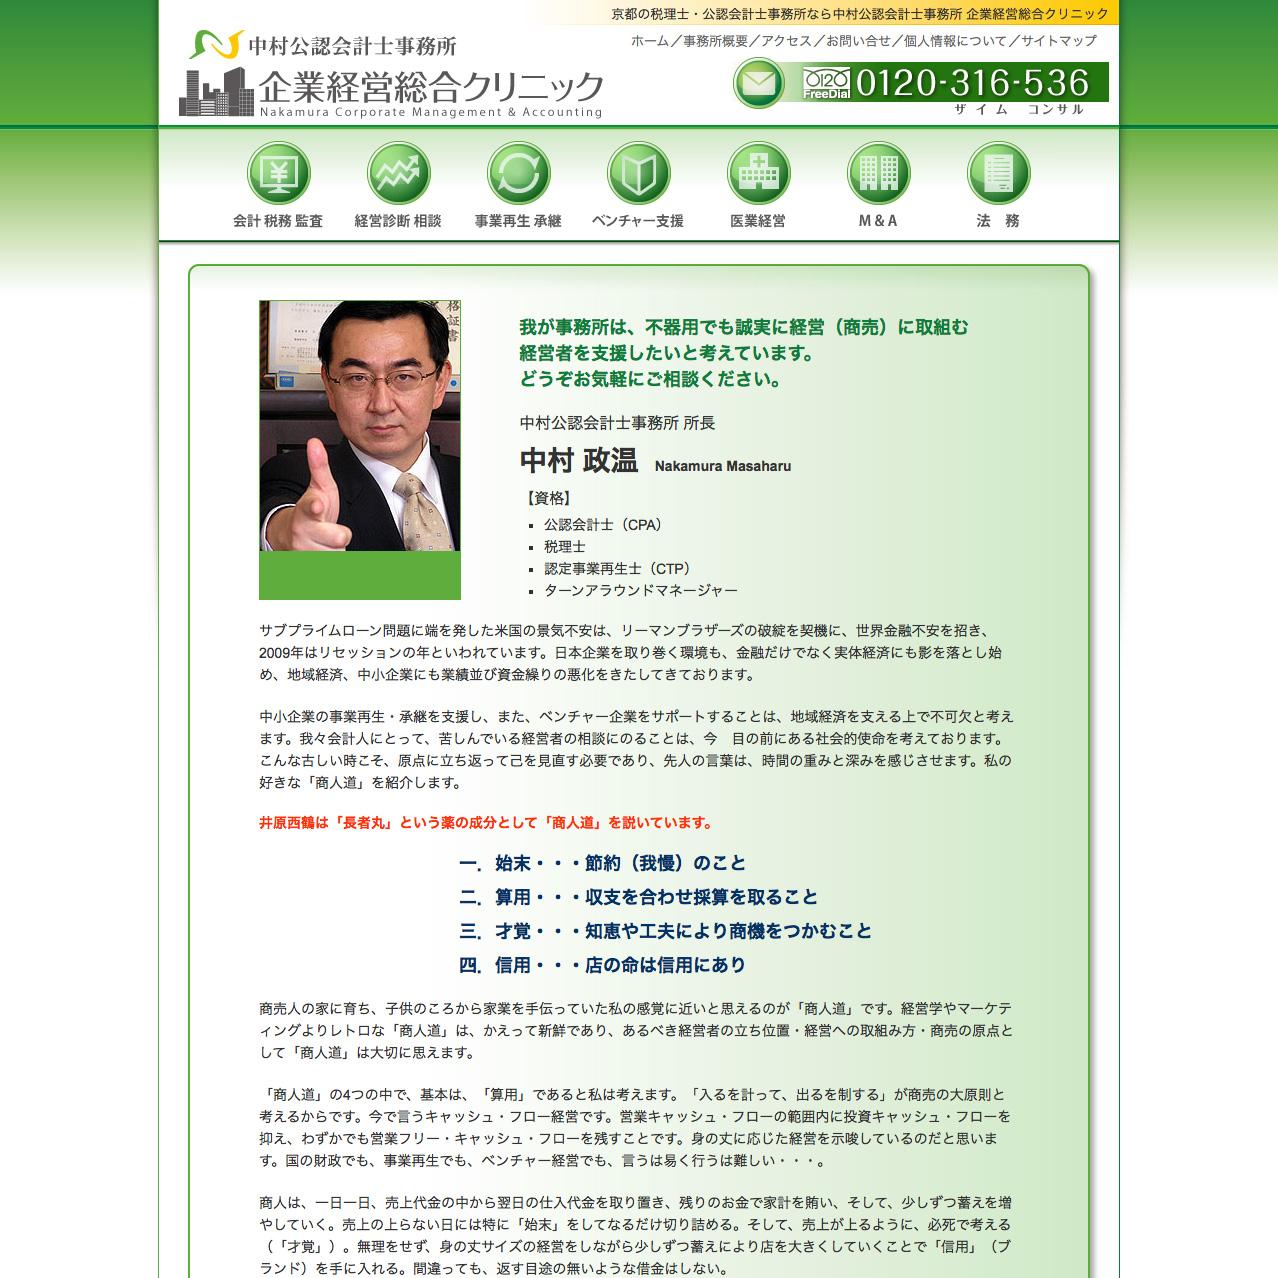 中村公認会計士事務所 所長あいさつページ